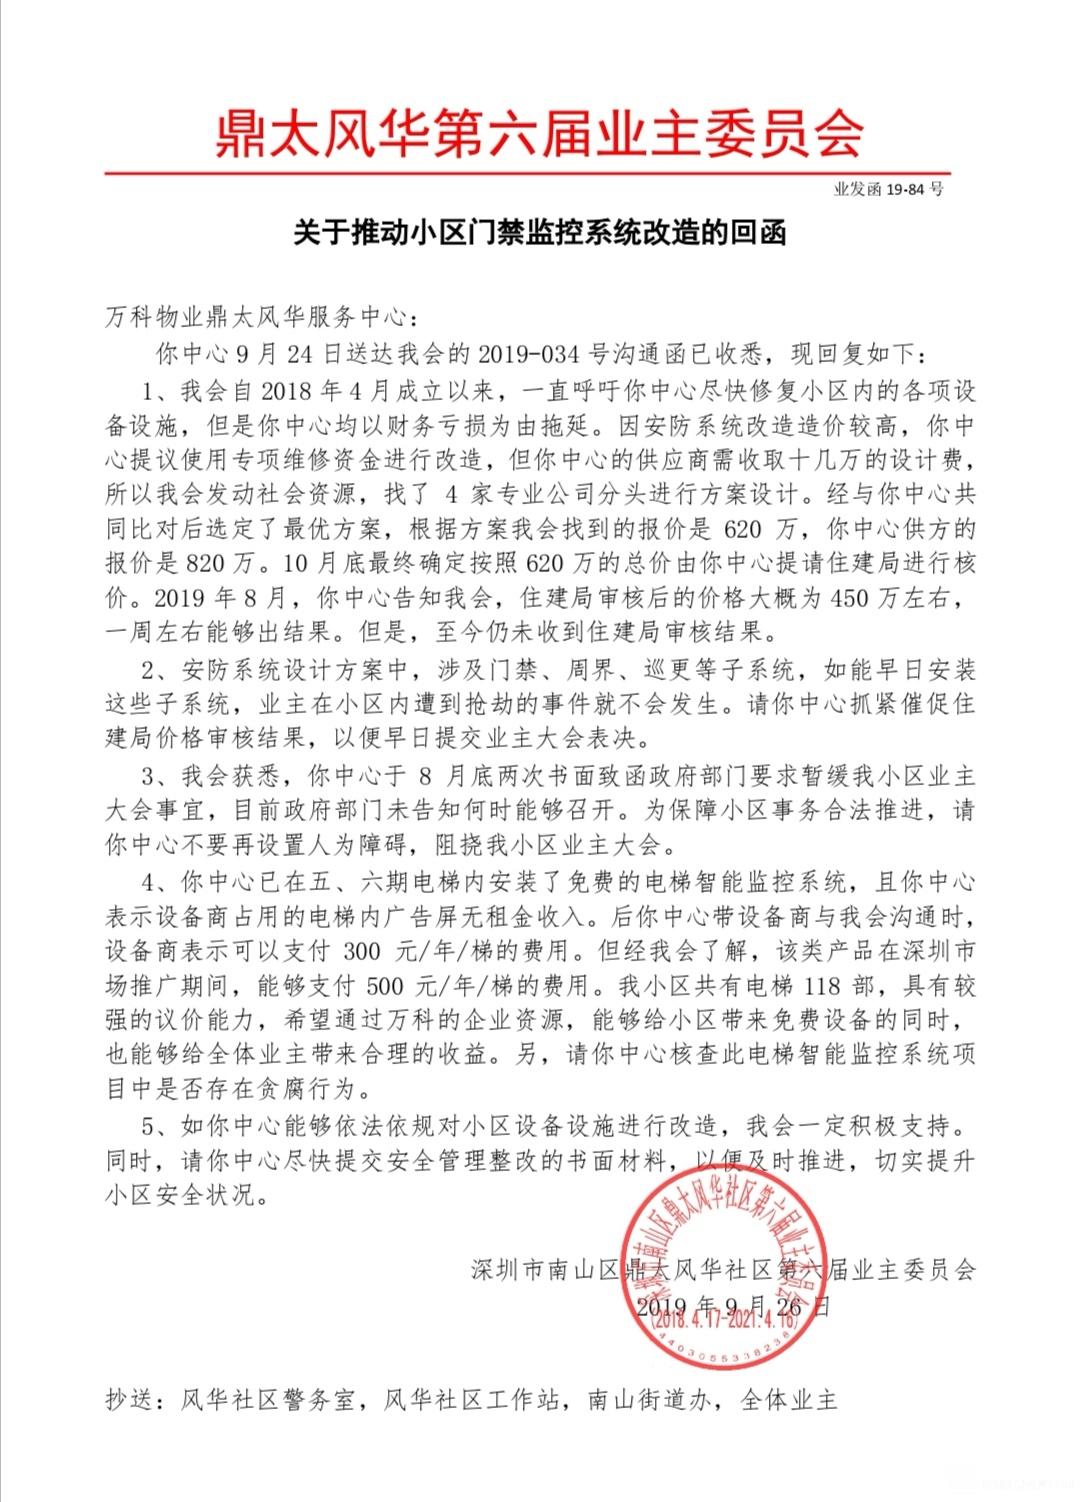 20190924-阻挠小区业主大会召开